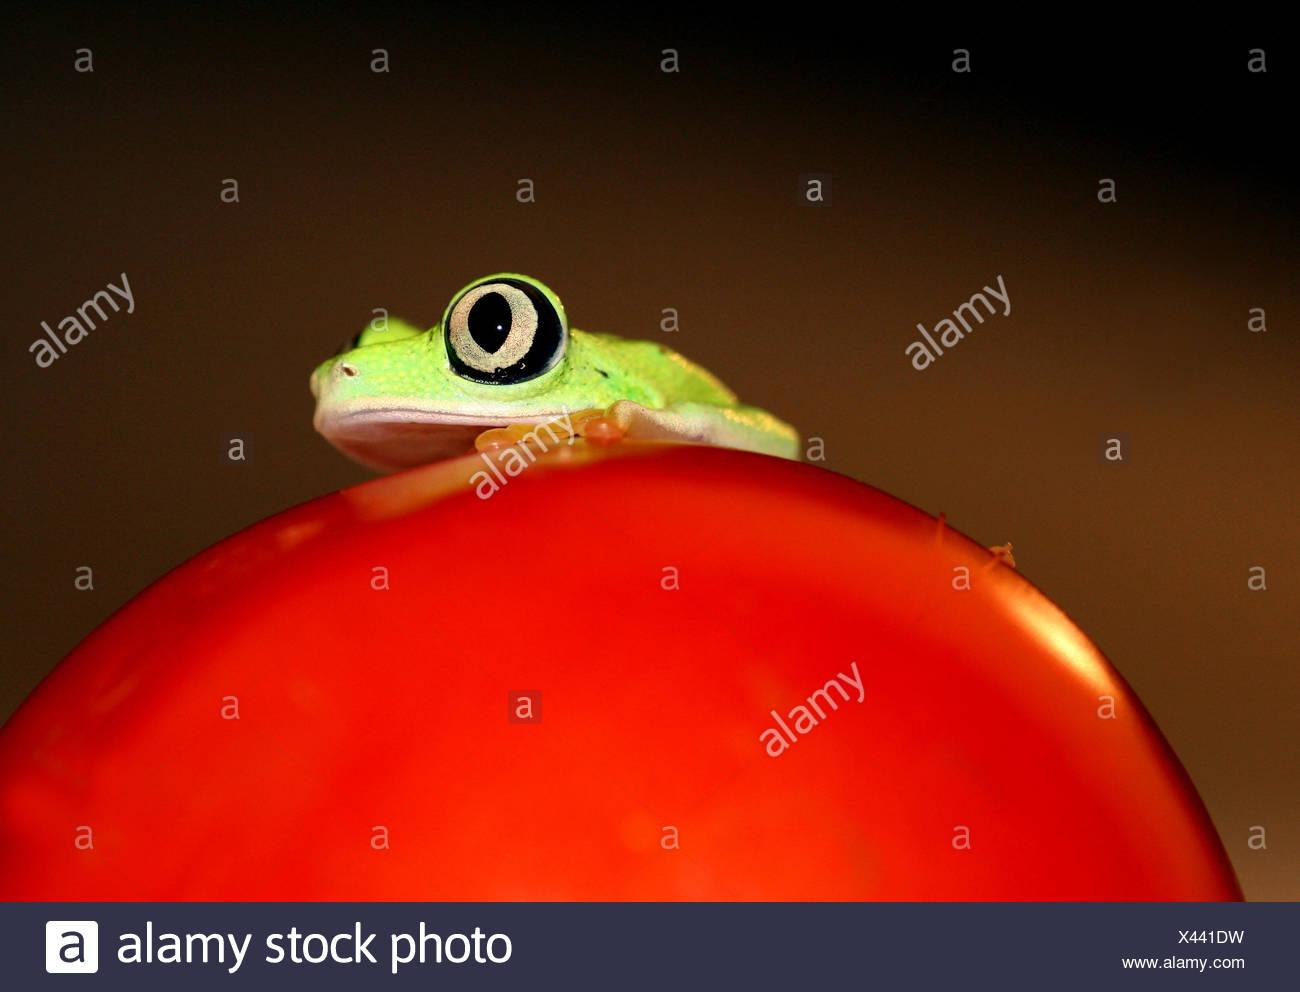 Schön Frosch Bild Zu Färben Fotos - Malvorlagen Von Tieren - ngadi.info